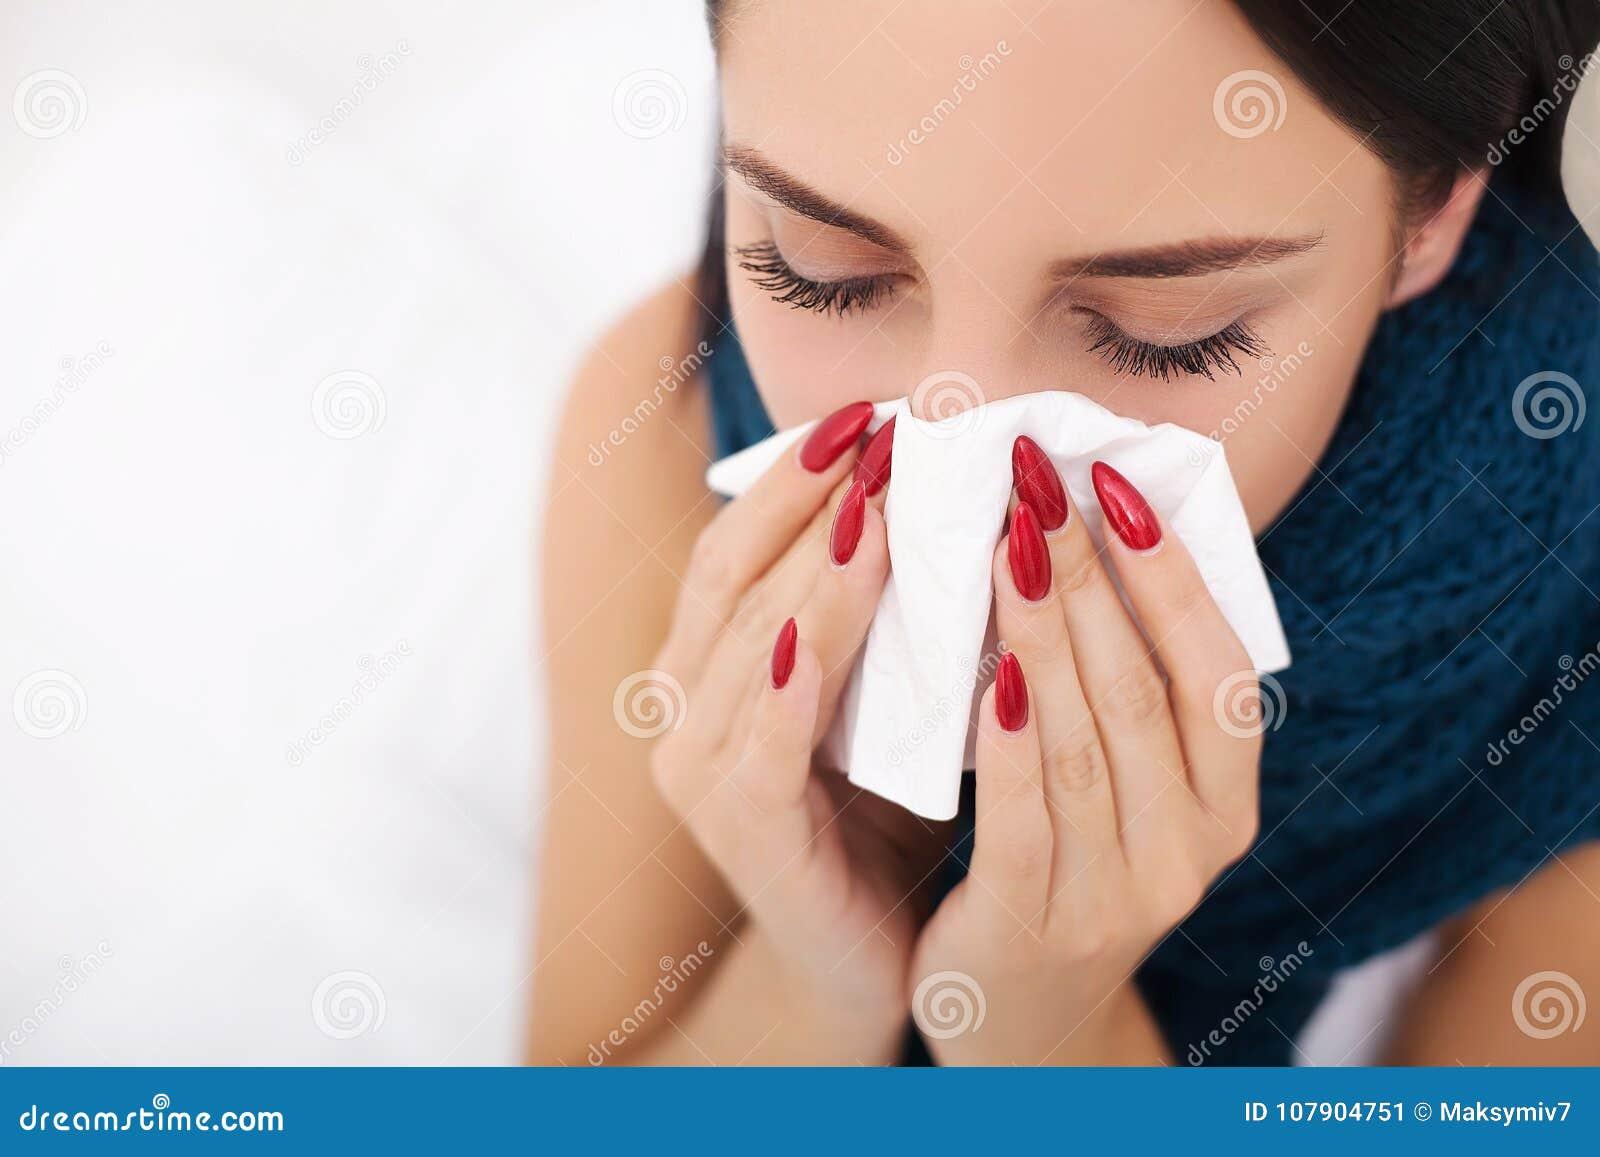 Kranke Frau grippe Frau abgefangene Kälte Niesen in Gewebe